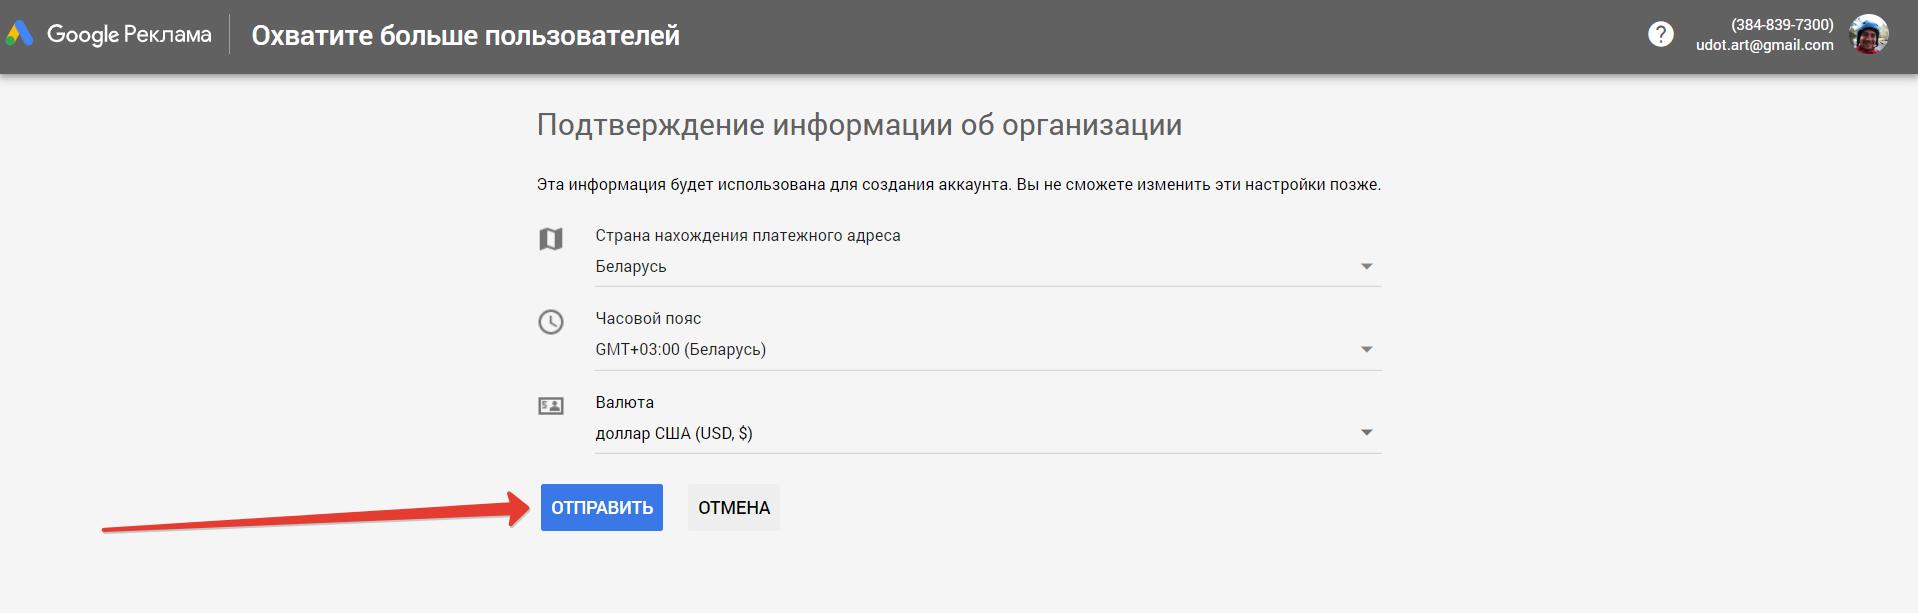 Google Keyword Planner подтверждение организации